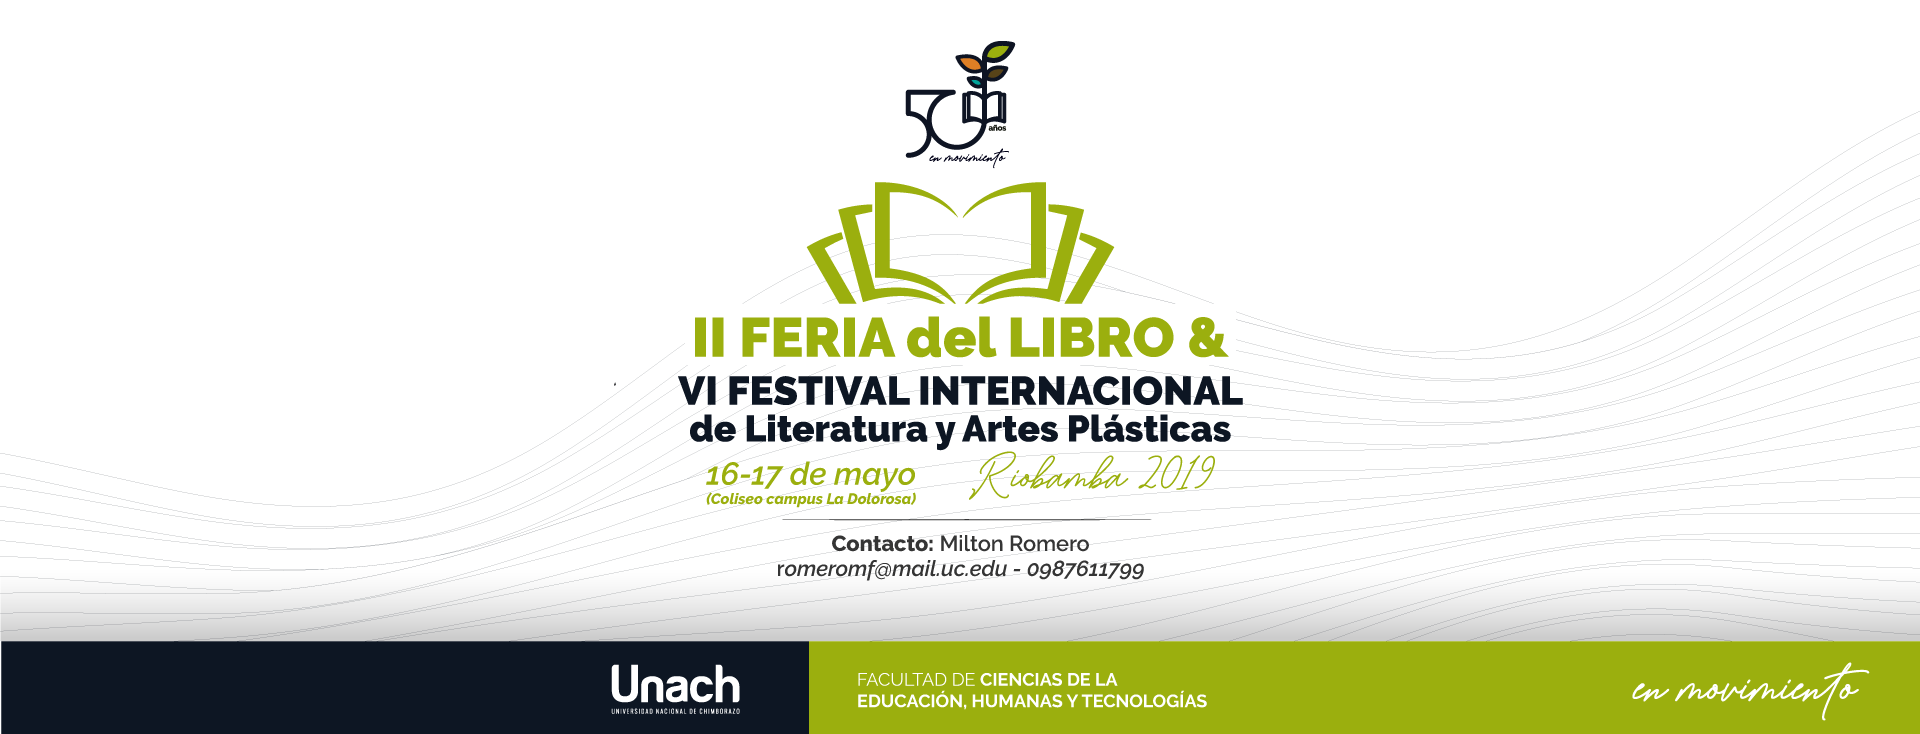 II FERIA DEL LIBRO & VI FESTIVAL INTERNACIONAL DE LITERATURA Y ARTES PLÁSTICAS RIOBAMBA 2019